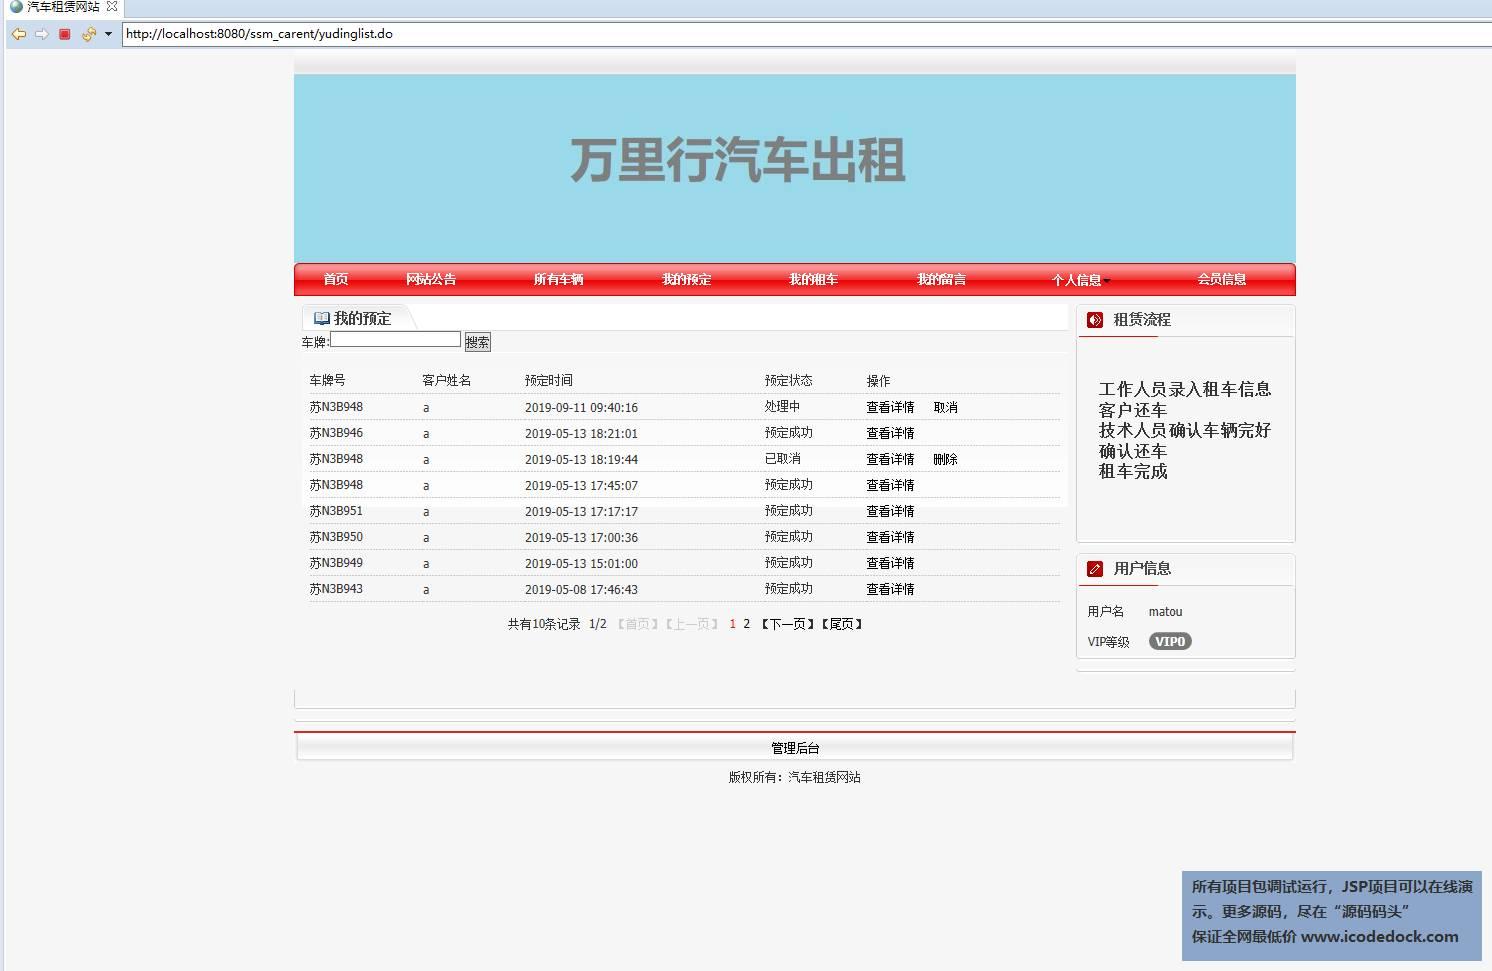 源码码头-SSM汽车出租管理系统-用户角色-查看我的预定